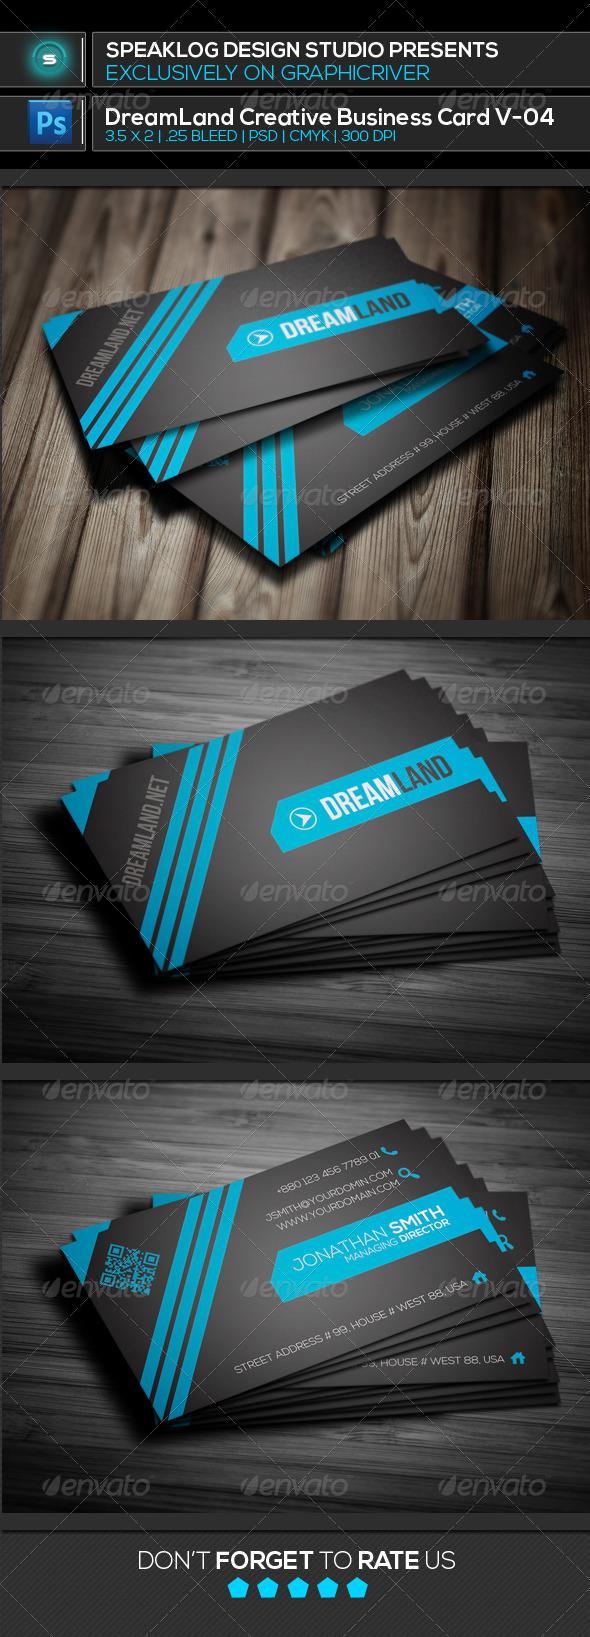 GraphicRiver Dreamland Creative Business Card v-03 8012066